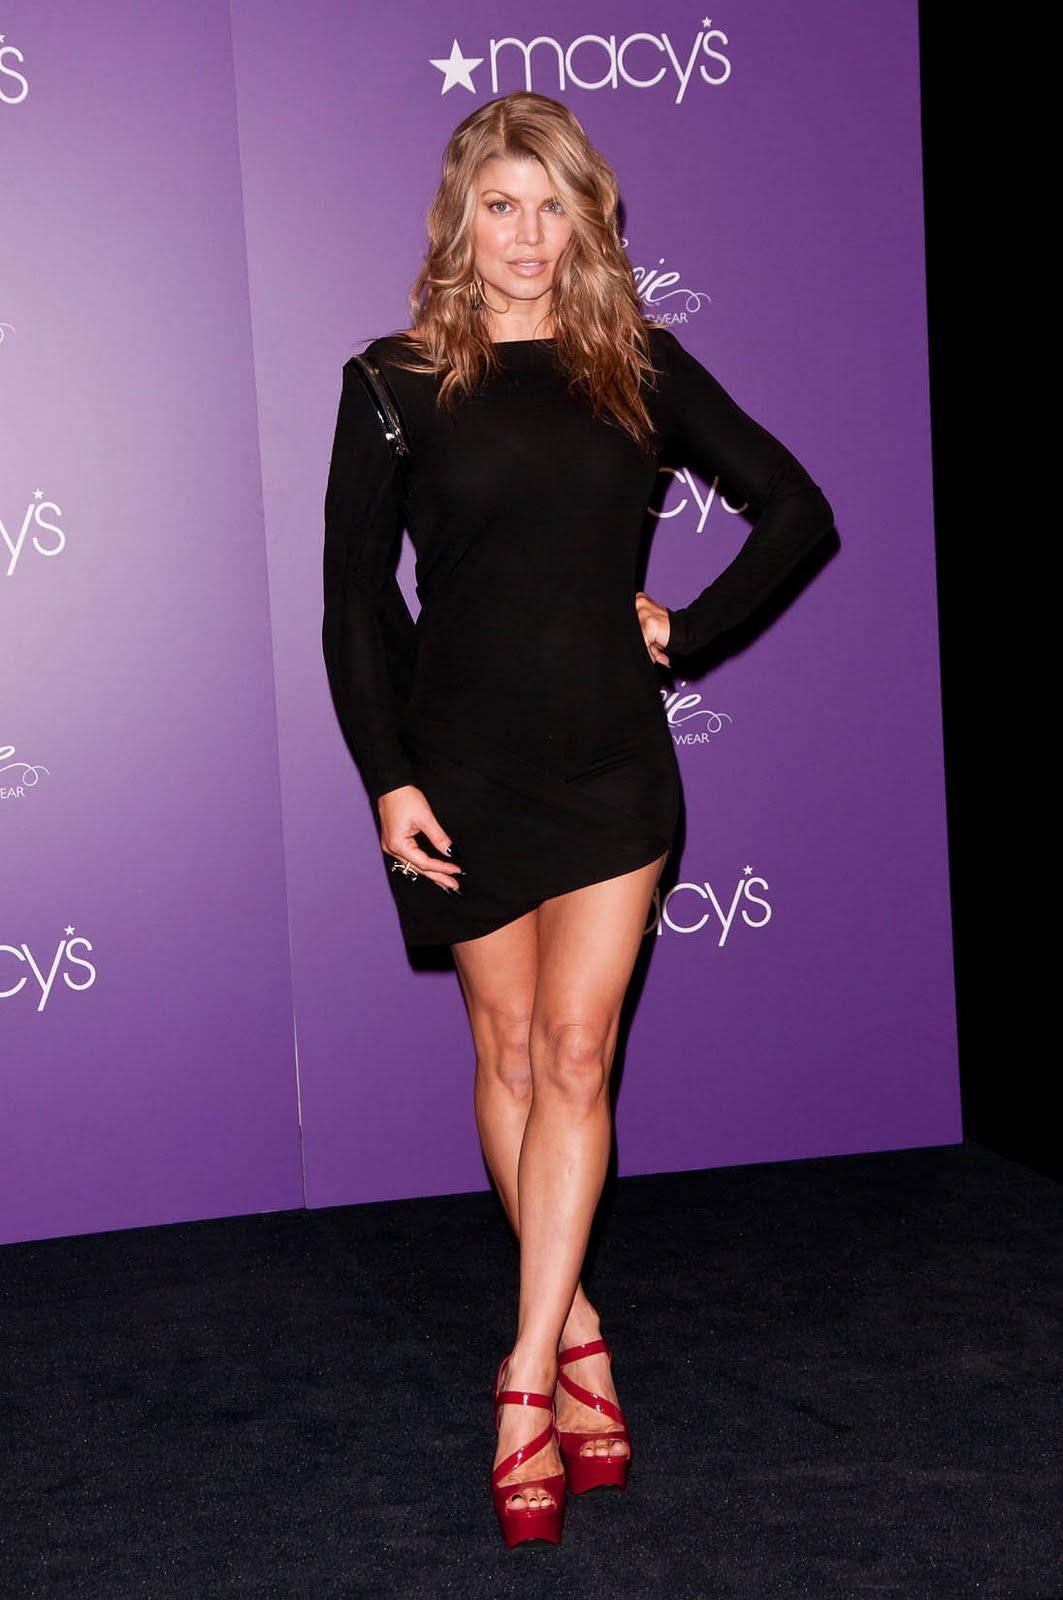 http://2.bp.blogspot.com/-UoMzL17FWPk/TbjF1ESjqHI/AAAAAAAAAKQ/KasKMOeKgUw/s1600/fergie_lbd_heels1.jpg